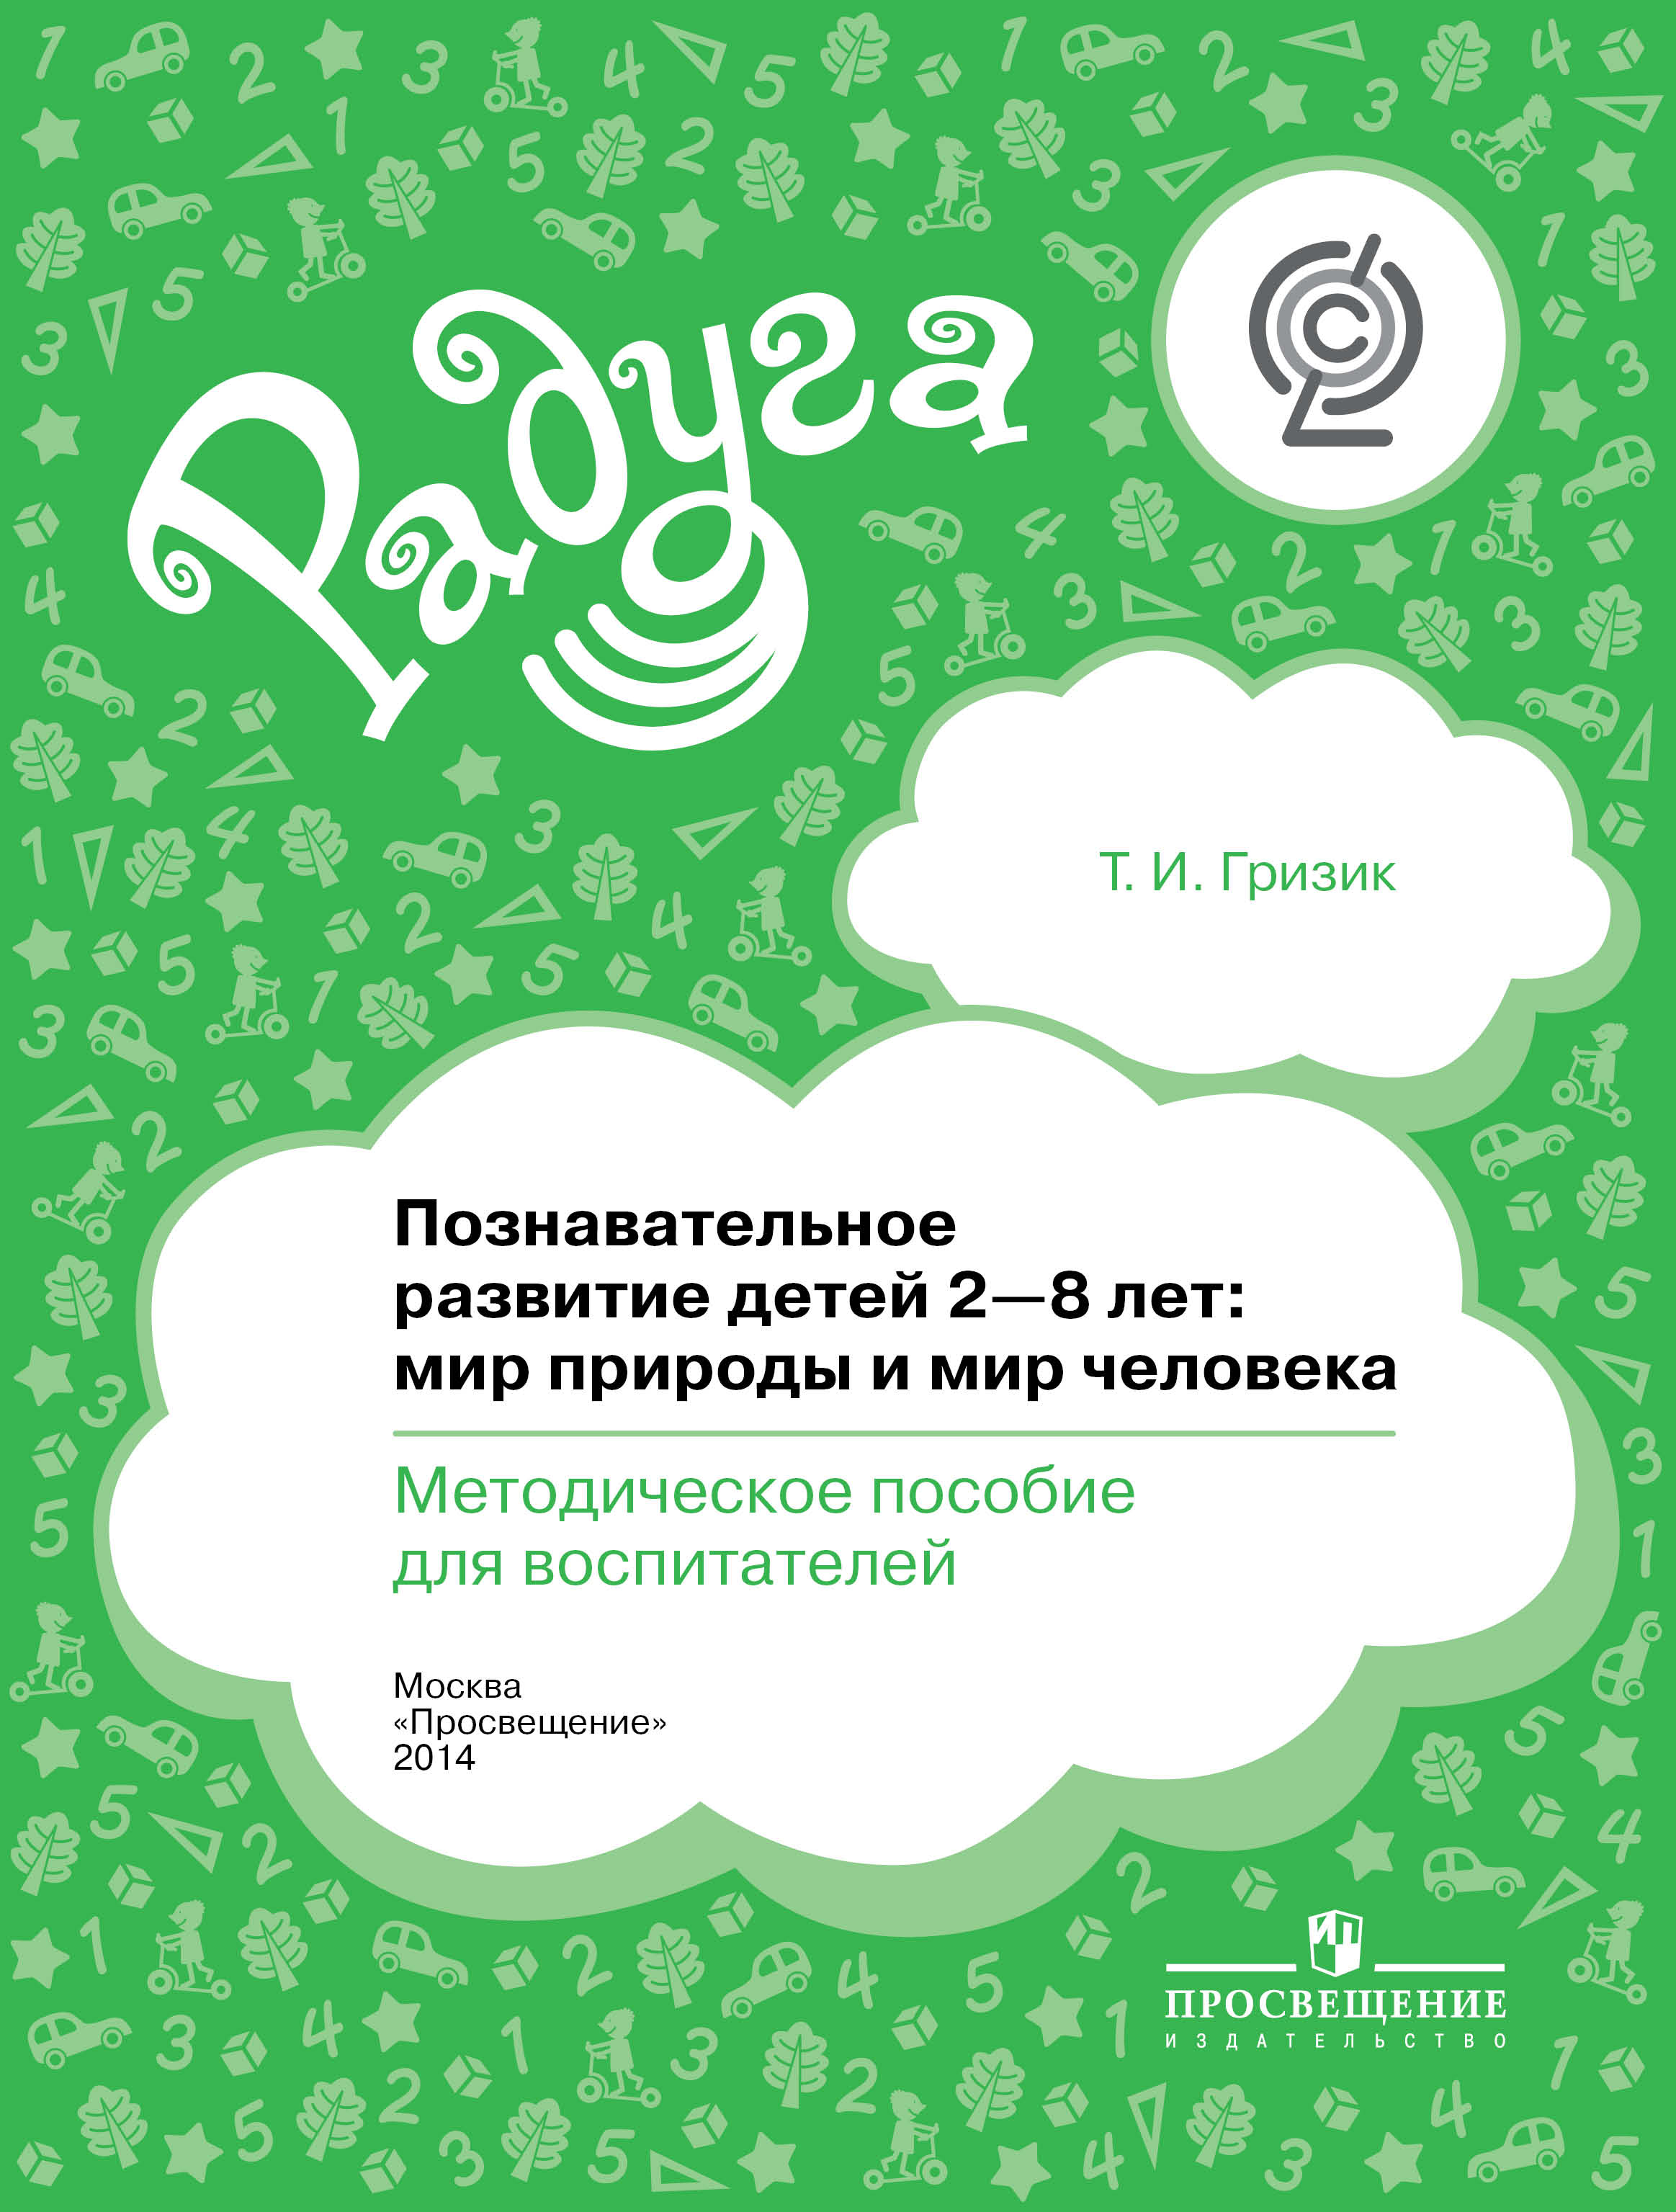 Познавательное развитие детей 2-8 лет: мир природы  и мир человека